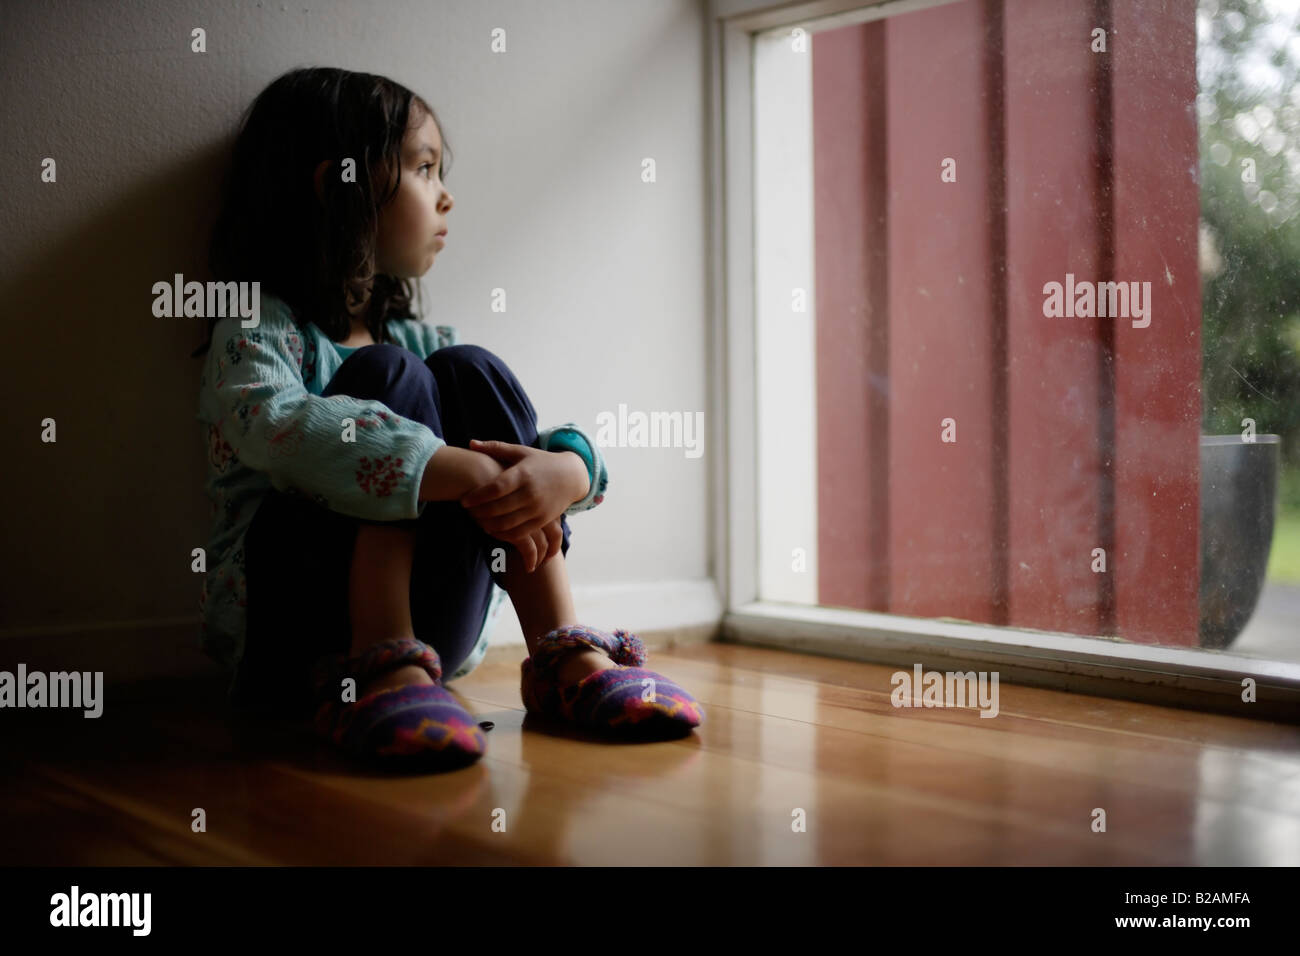 Ritratto di bambina all età di cinque anni seduto sul pavimento accanto alla finestra razza mista di etnia Immagini Stock